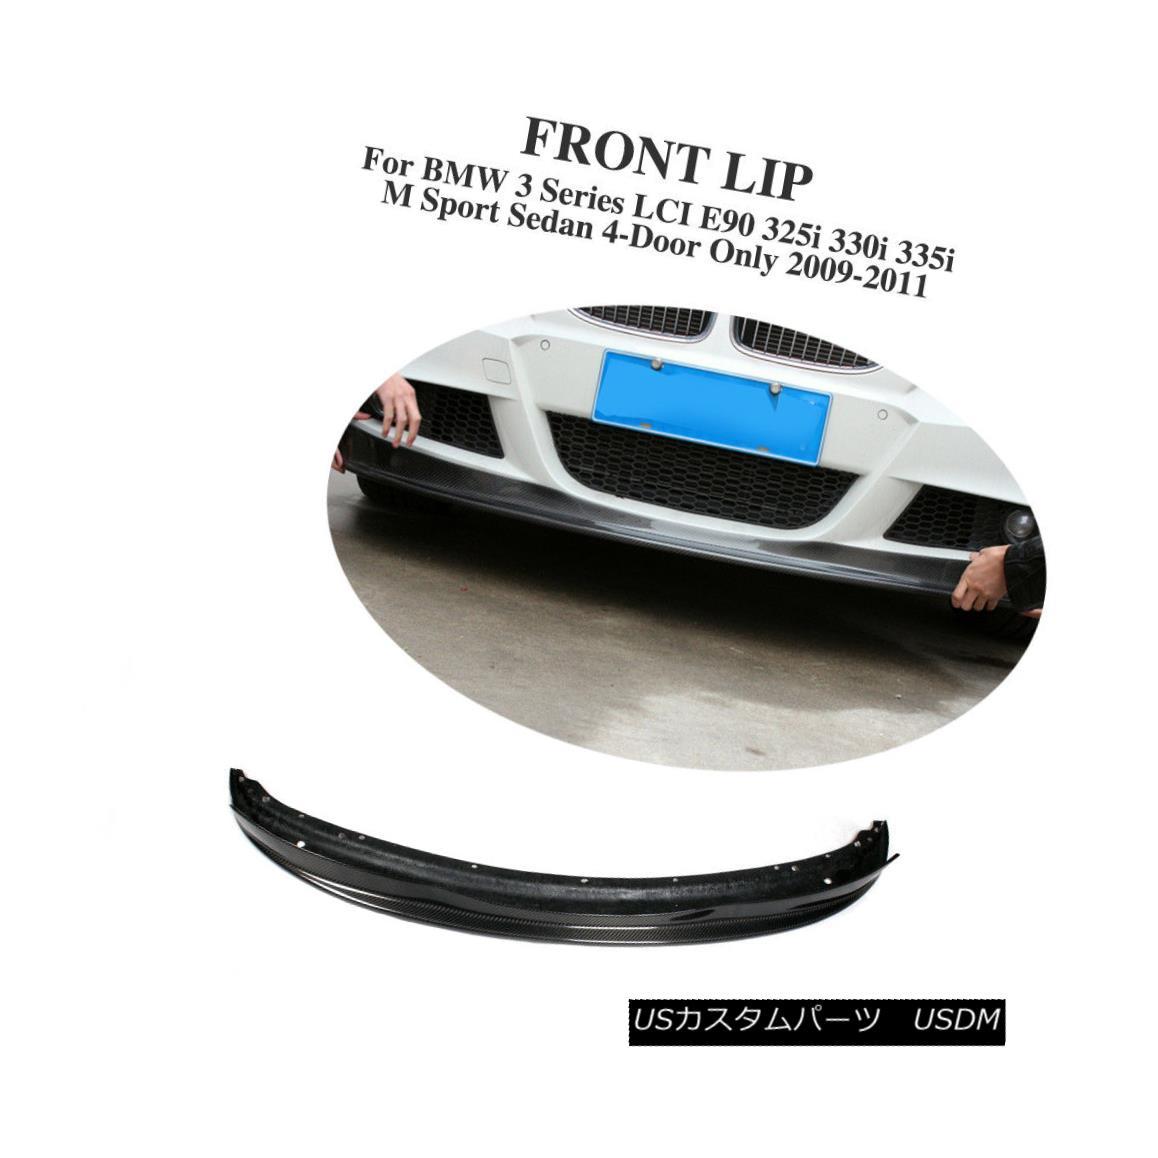 格安販売中 エアロパーツ Bumper Carbon Fiber Front Bumper Lip 09-11 Bodykit M for BMW 3 Series E90 325i M Sport 09-11 BMW 3シリーズE90 325i Mスポーツ用カーボンファイバーフロントバンパーリップボディキット09-11, タダスポーツ:7fde7b3b --- kventurepartners.sakura.ne.jp